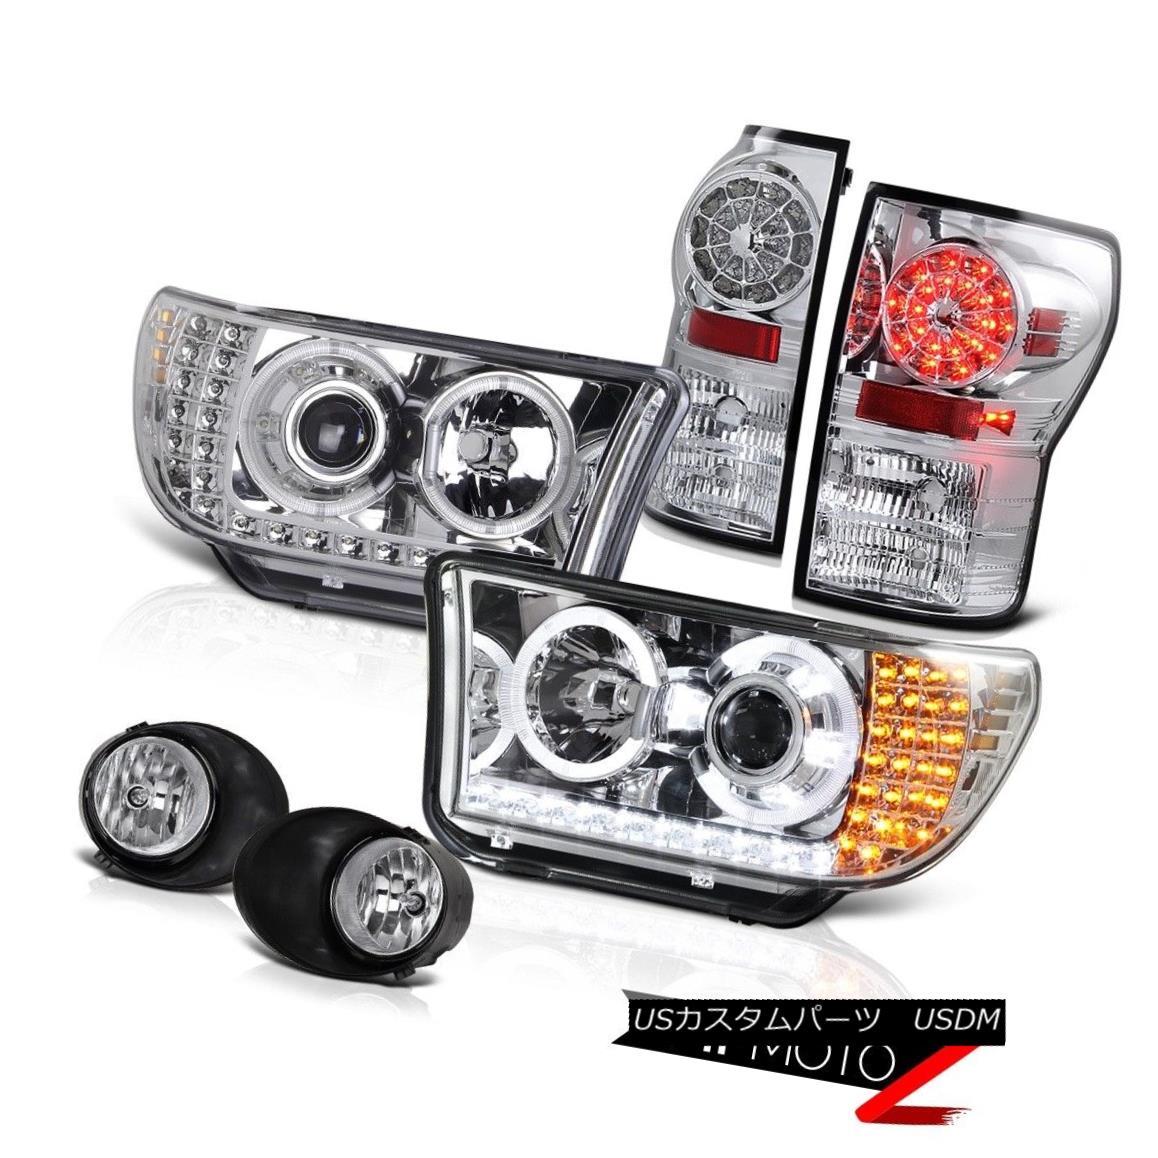 ヘッドライト Crystal Projector Led Headlight+Led Tail Light+Fog Lamp 2007-2013 Tundra SR5 クリスタルプロジェクターLedヘッドライト+ Ledテールライト+ Fogランプ2007-2013 Tundra SR5